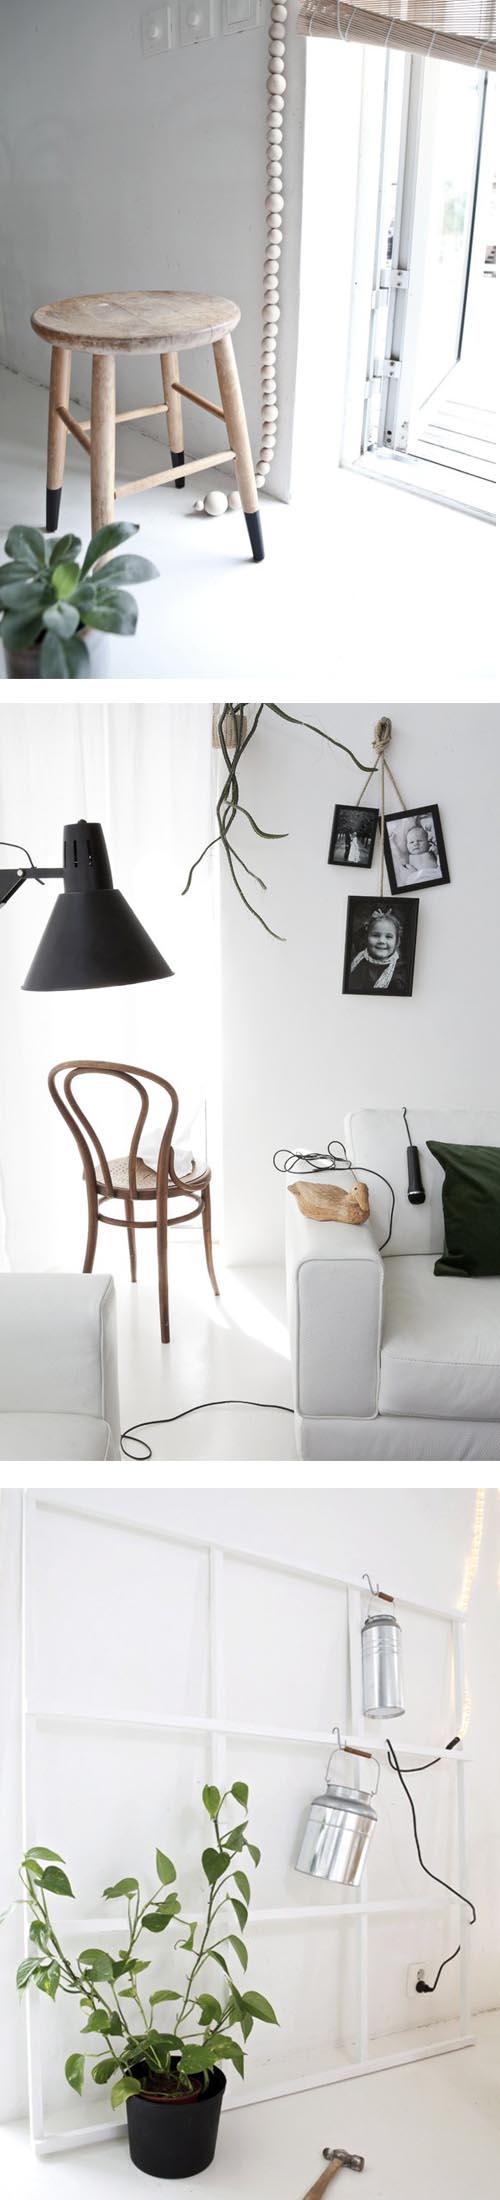 blogs favoritos hem escarabajos bichos y mariposas. Black Bedroom Furniture Sets. Home Design Ideas